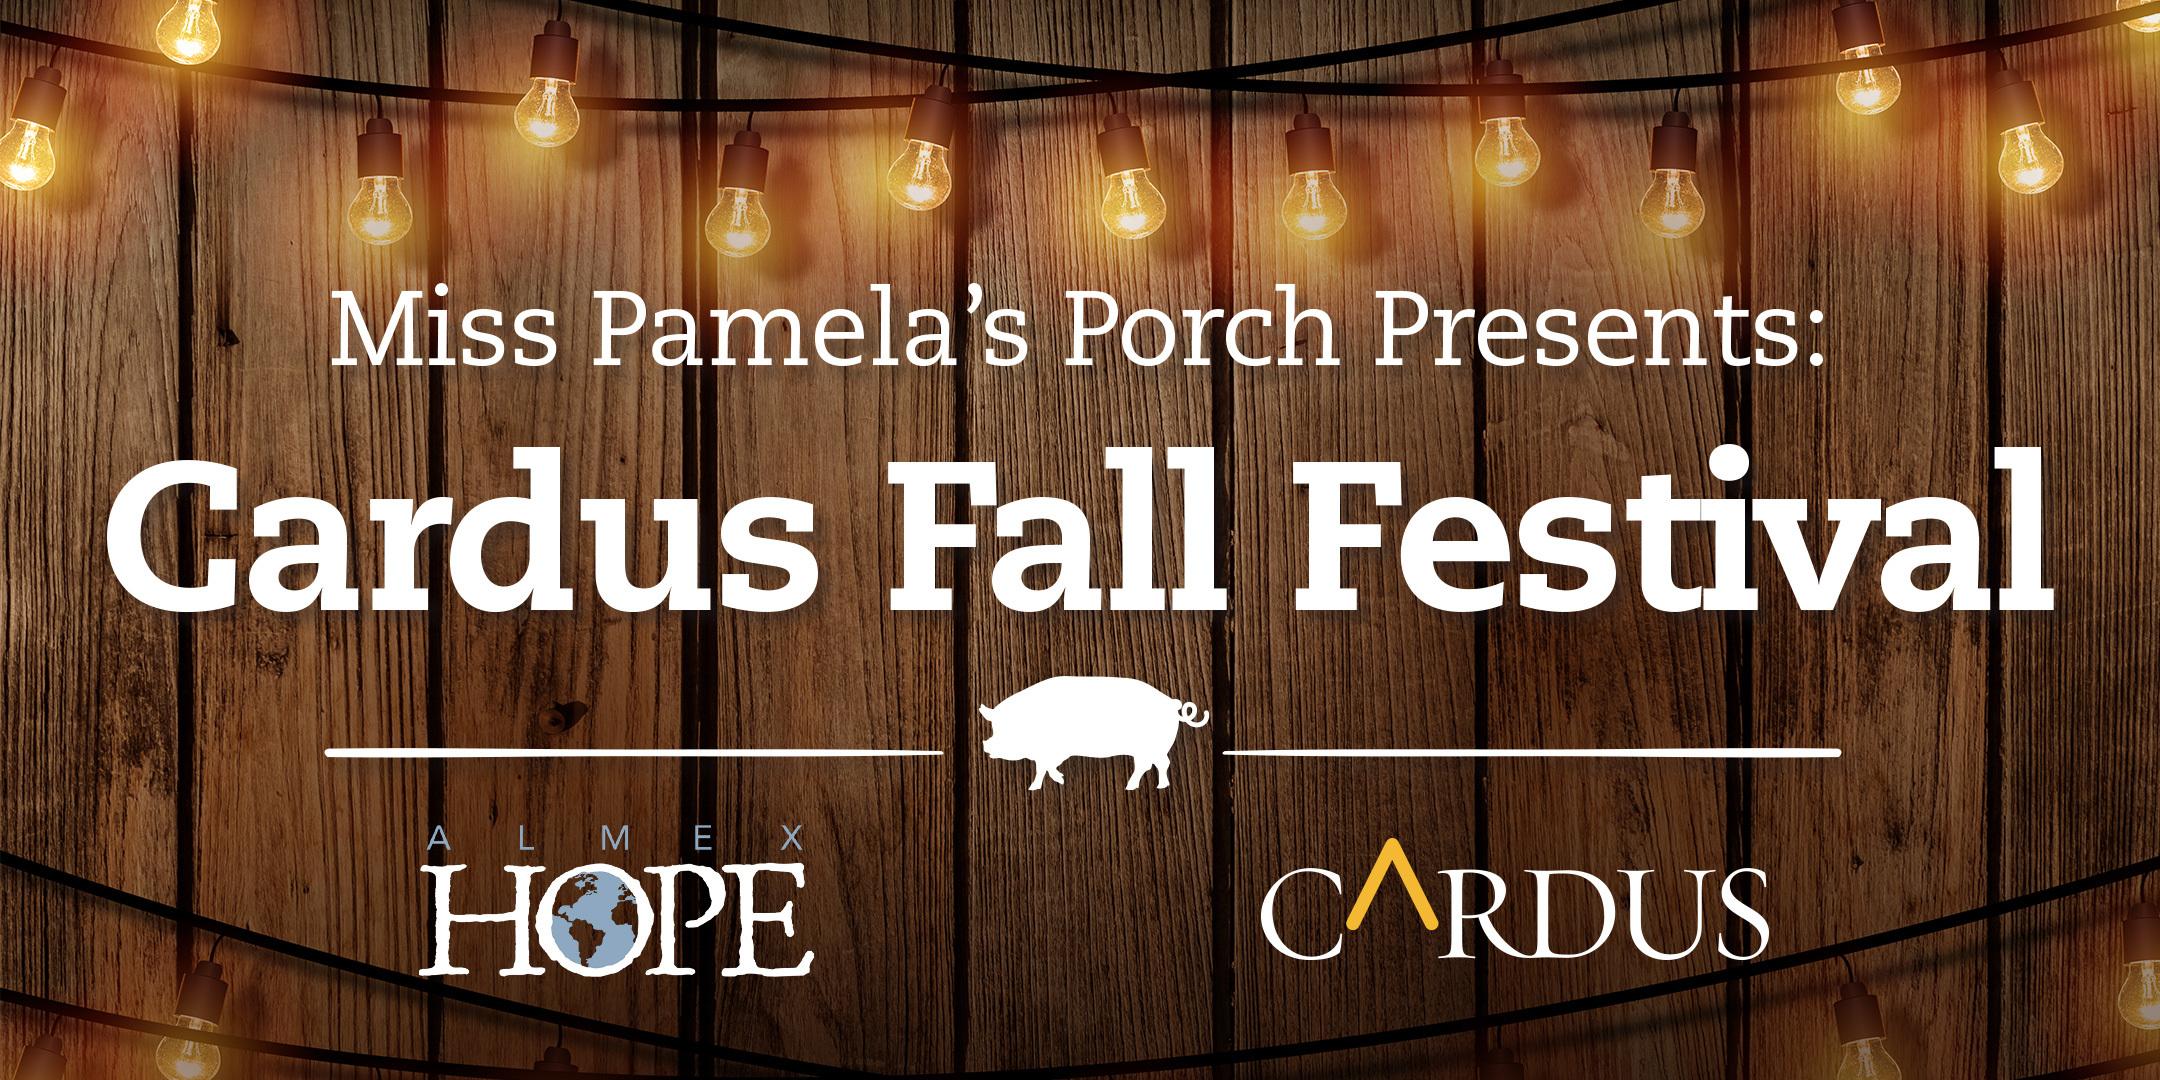 Miss Pamela's Porch Presents: Cardus Fall Festival